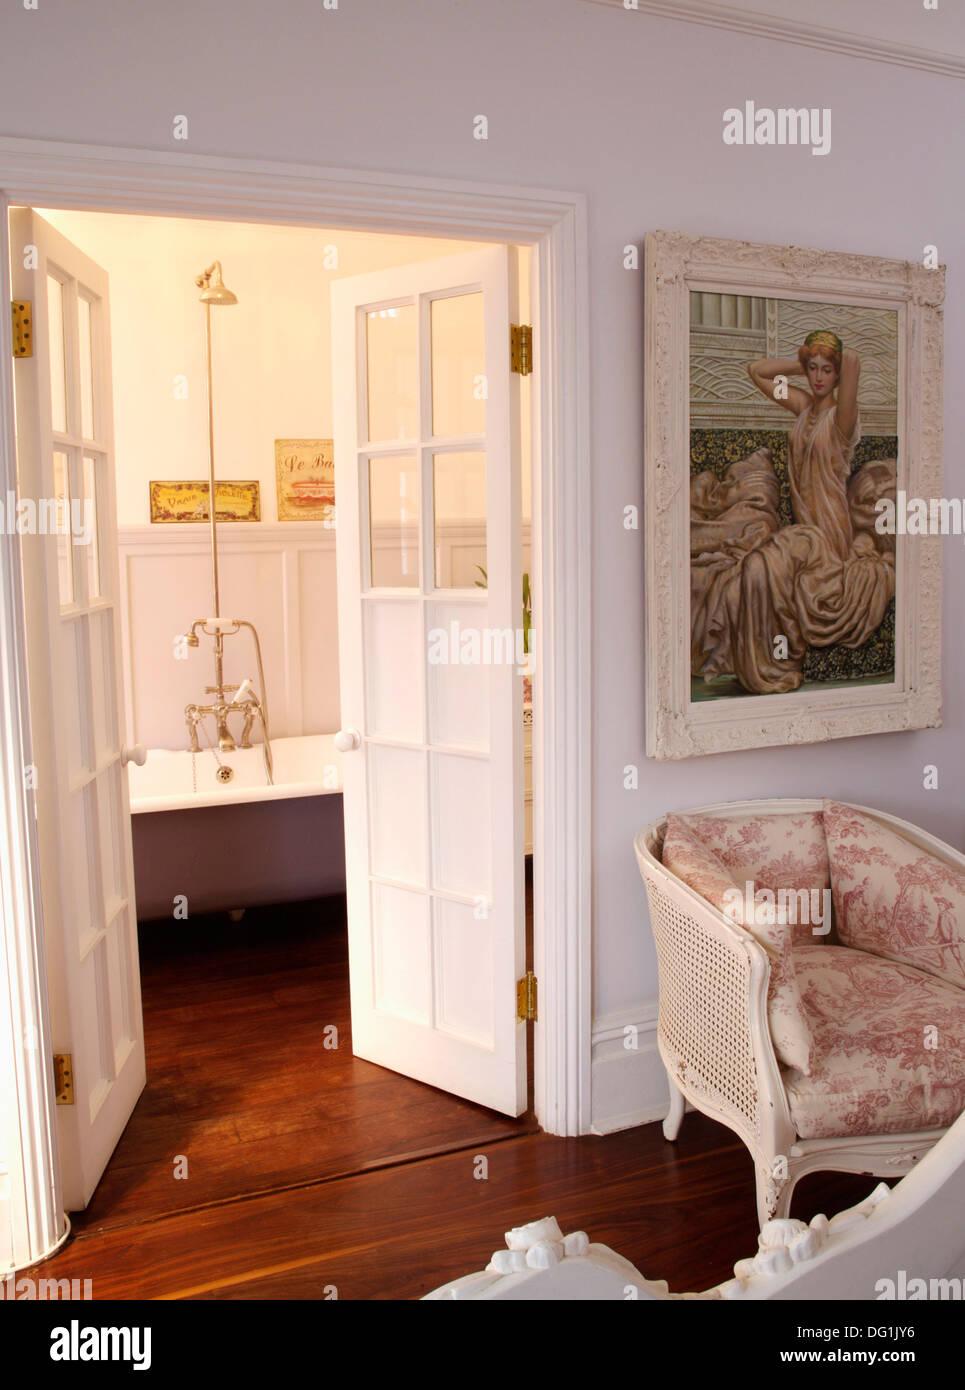 Schlafzimmer Tur Offnen #27: Bild An Wand über Toile-de-Jouy Stuhl Im Schlafzimmer Mit Weißen Hälfte  Verglasten Flügeltüren öffnen, En-Suite Badezimmer